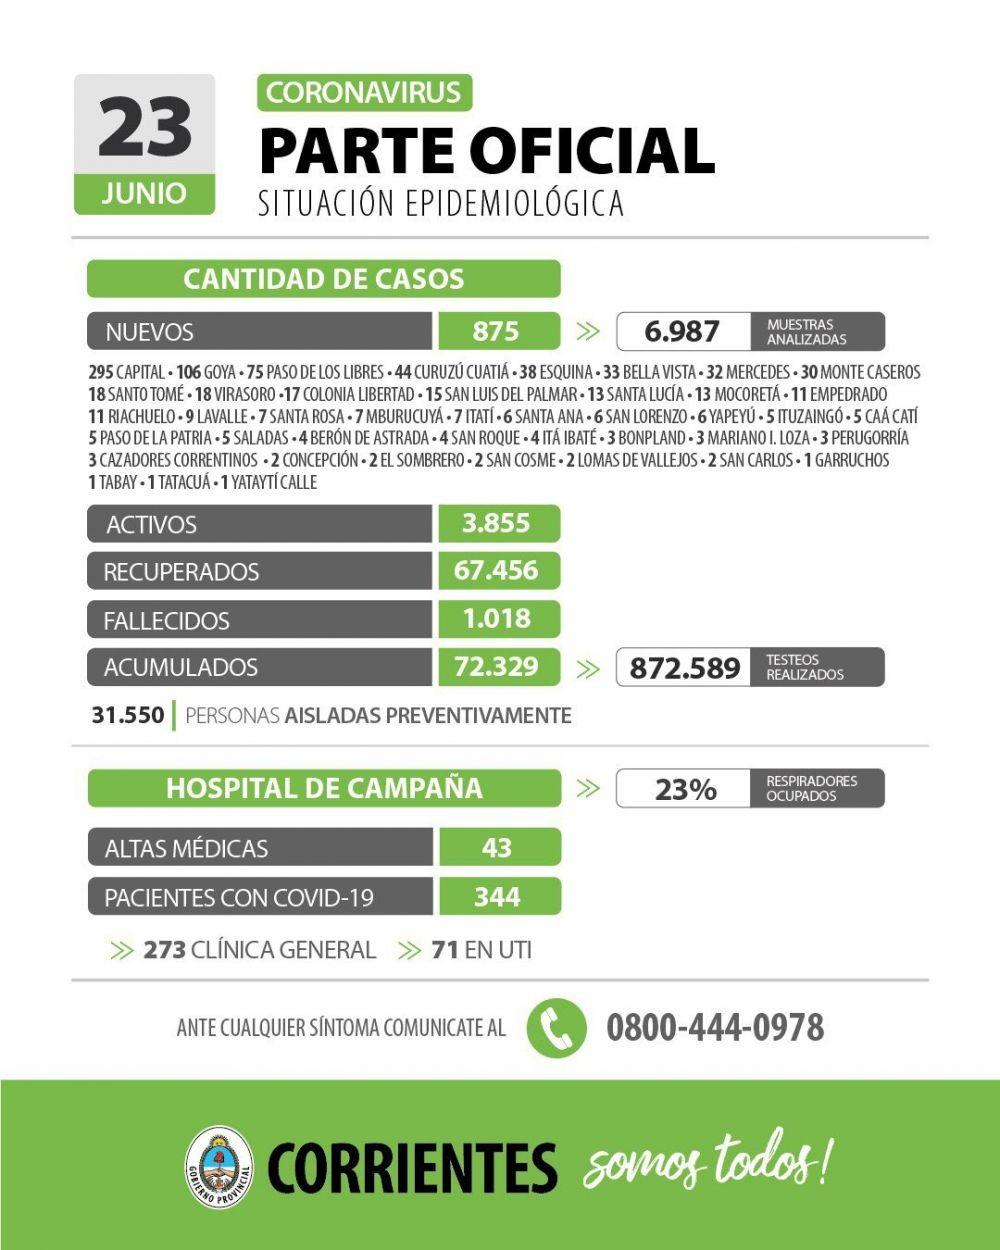 Informan de 875 nuevos casos de coronavirus en Corrientes